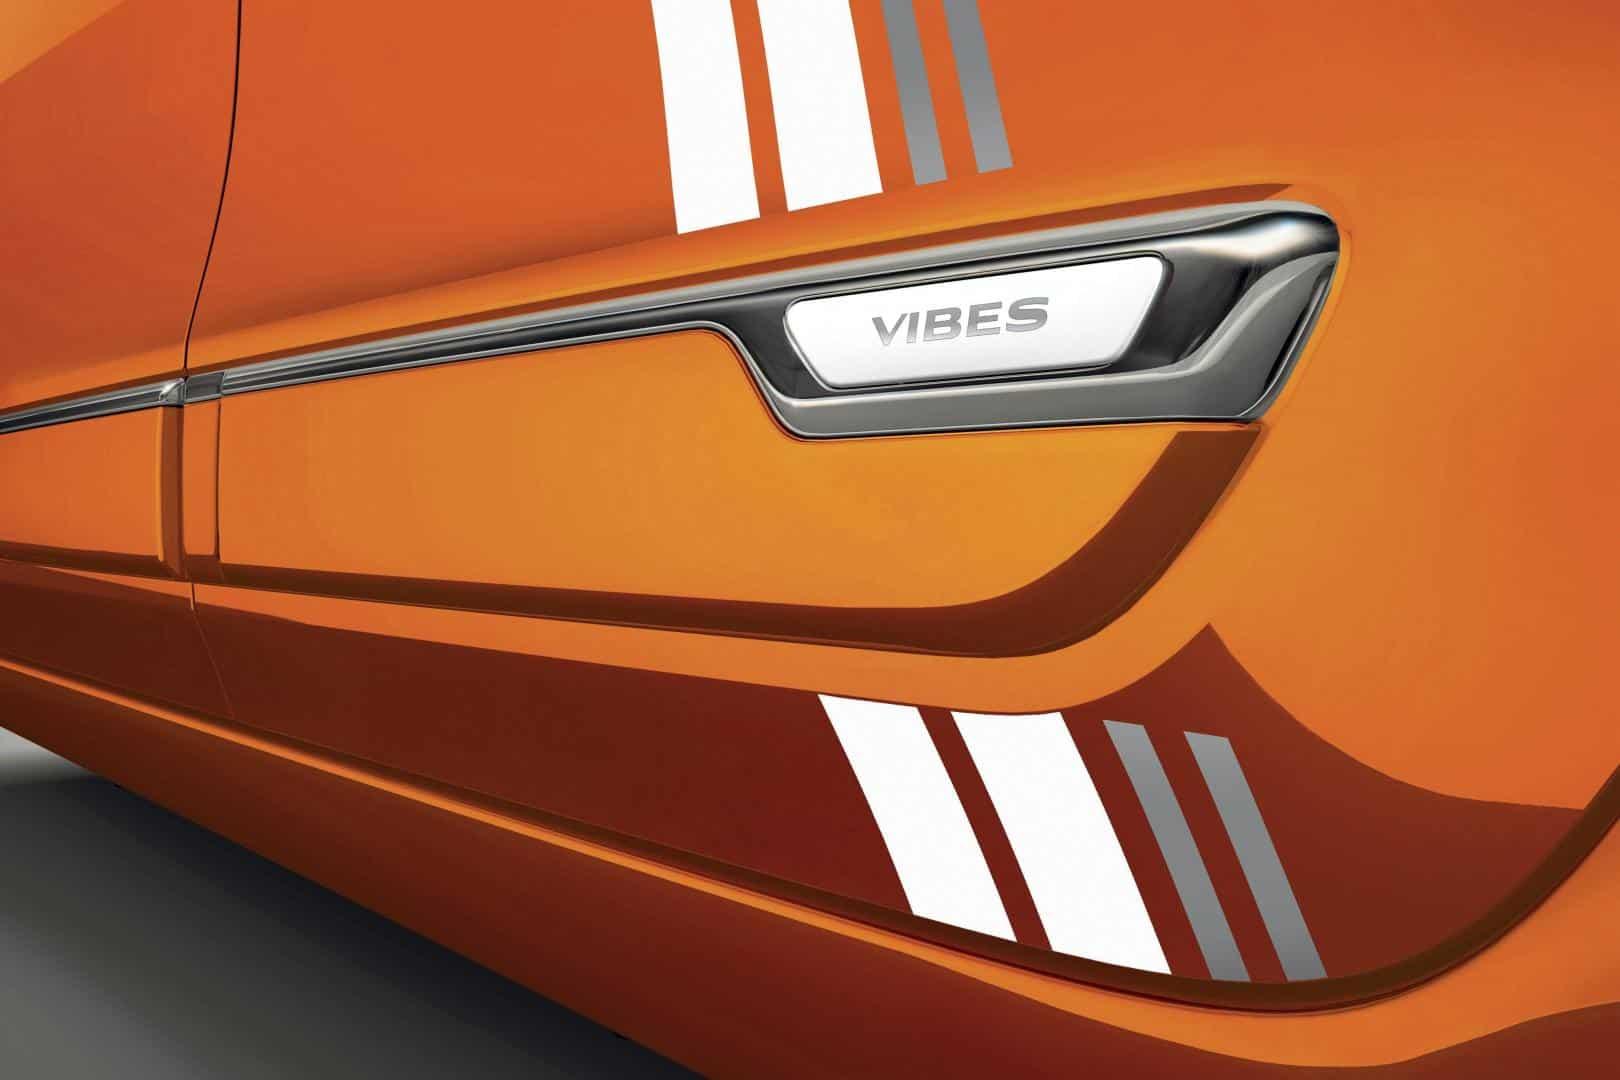 Der neue Renault Twingo Electric verfügt über eine Lithium-Ionen-Batterie mit einer Kapazität von 22 kWh, die eine Reichweite von kombiniert bis zu 190 Kilometern und im Stadtverkehr von bis zu 270 Kilometern nach WLTP-Testzyklus ermöglicht